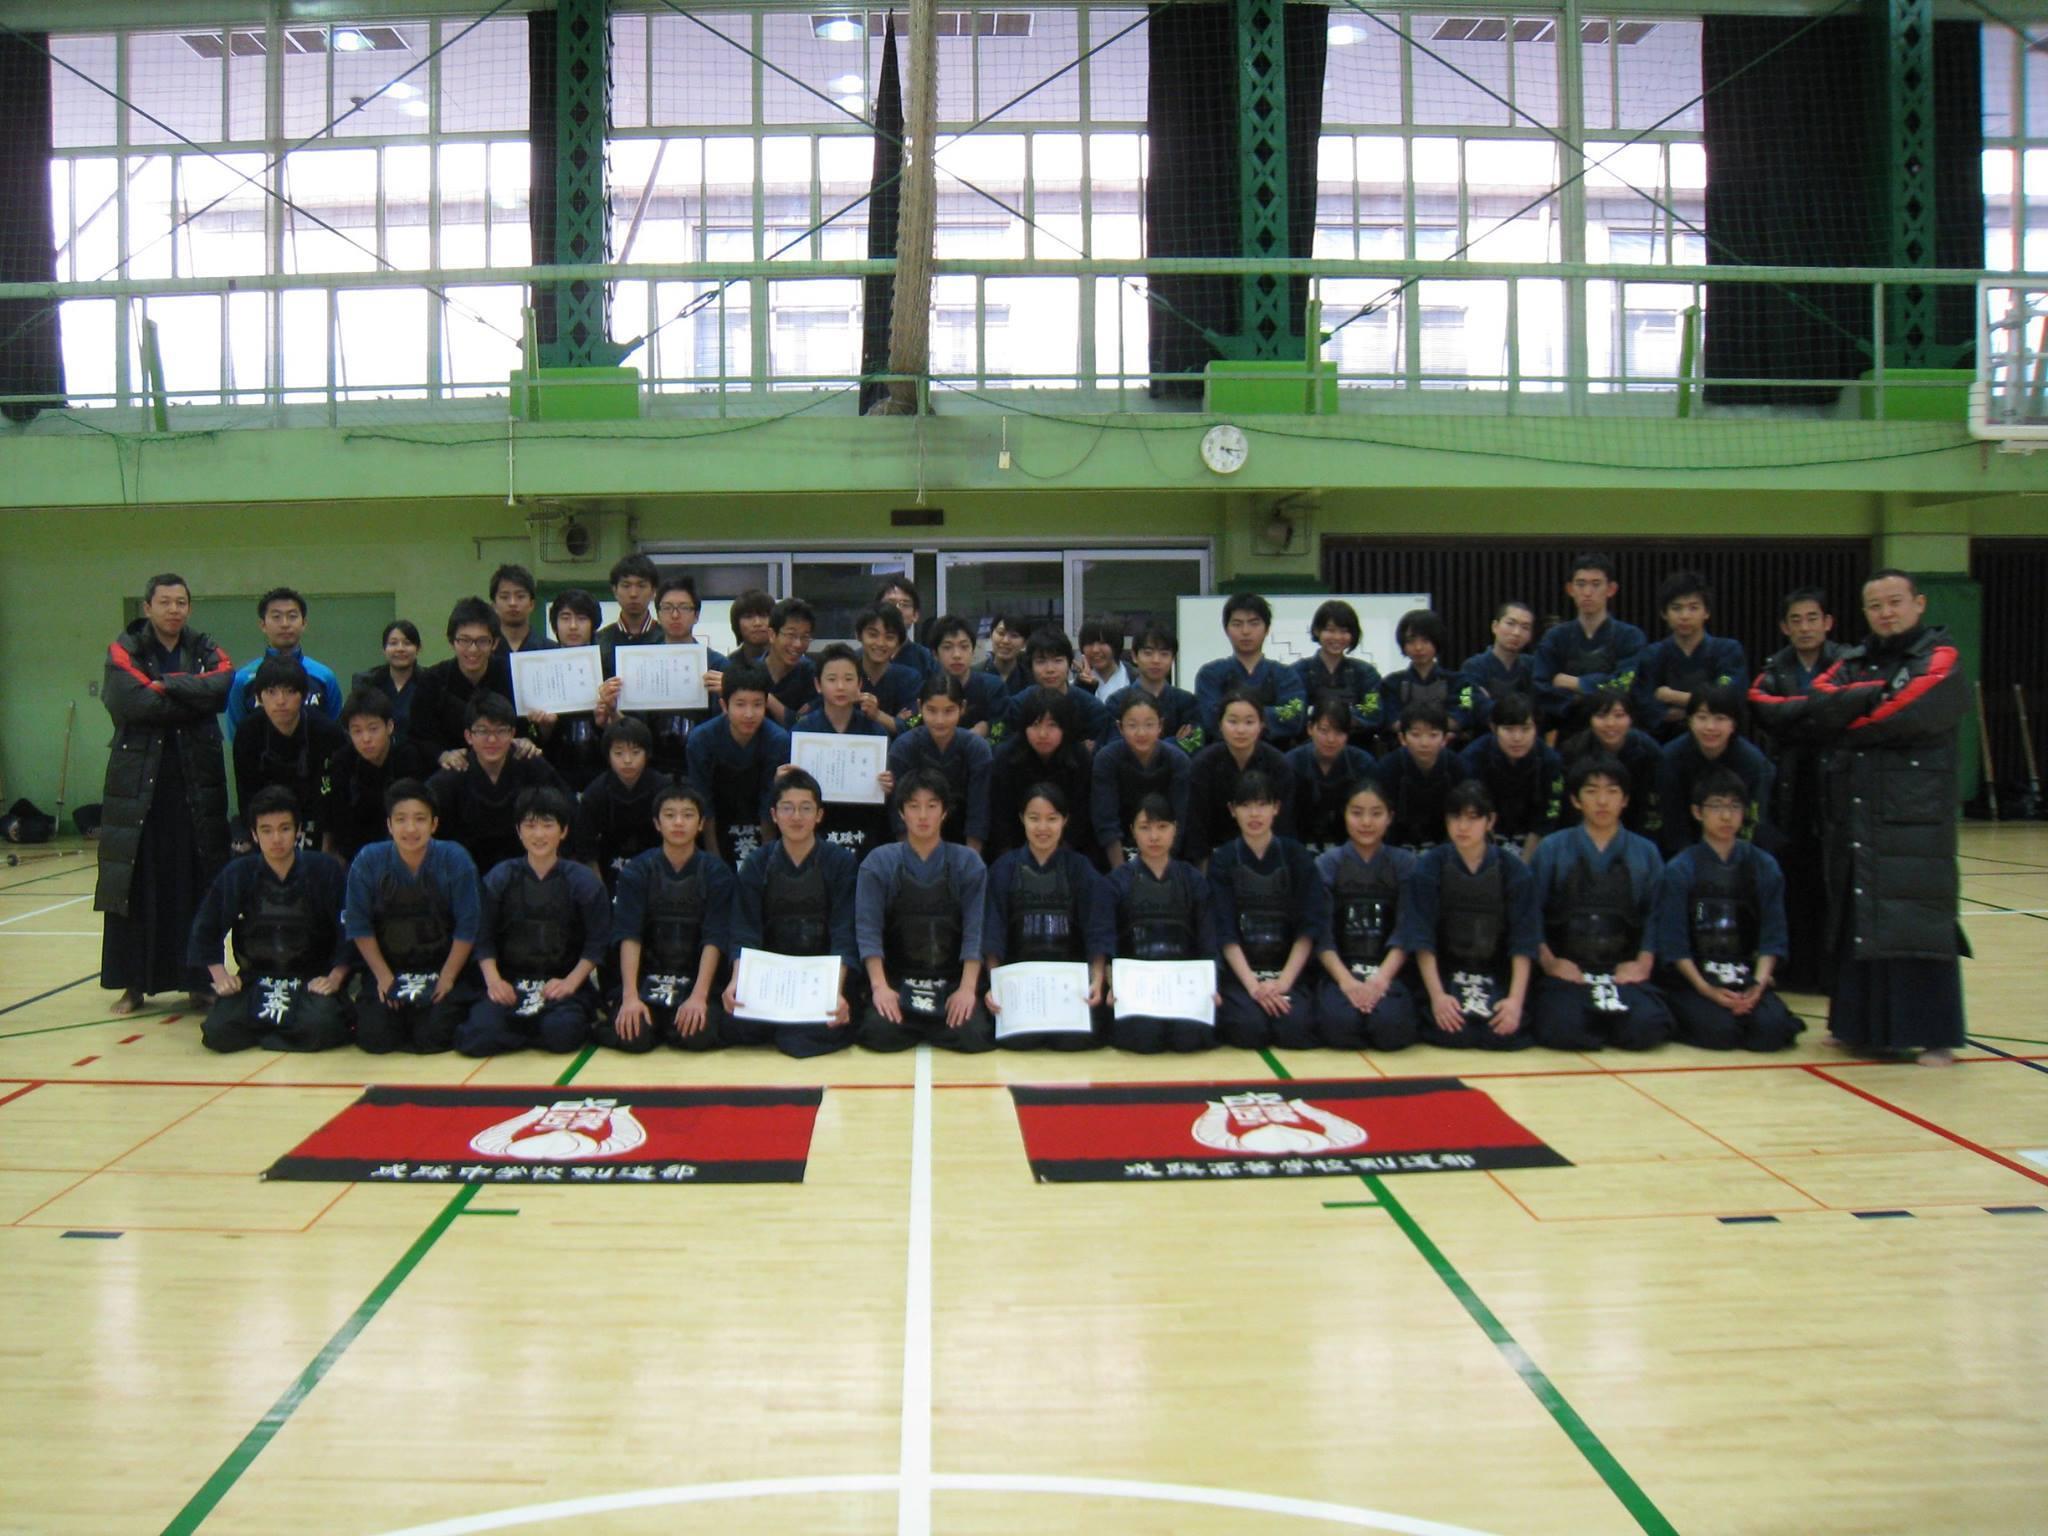 【ご案内】5/23に 第2回 中高OB懇親会開催